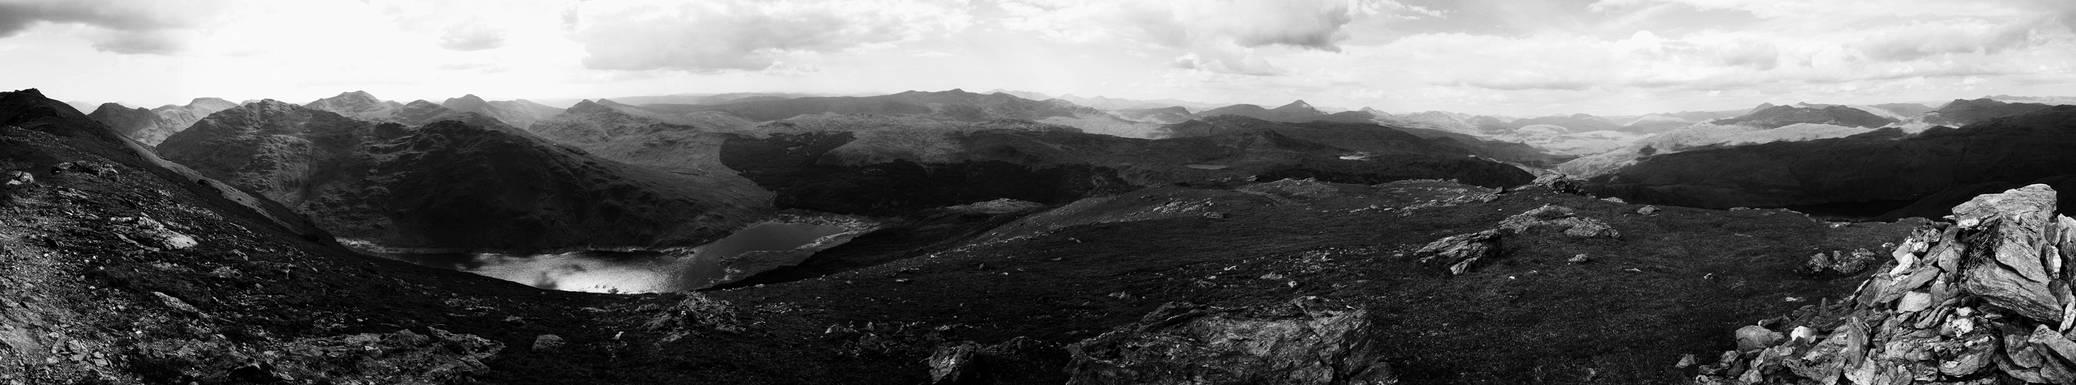 Ben Vorlich, Argyllshire by iia02dennisg